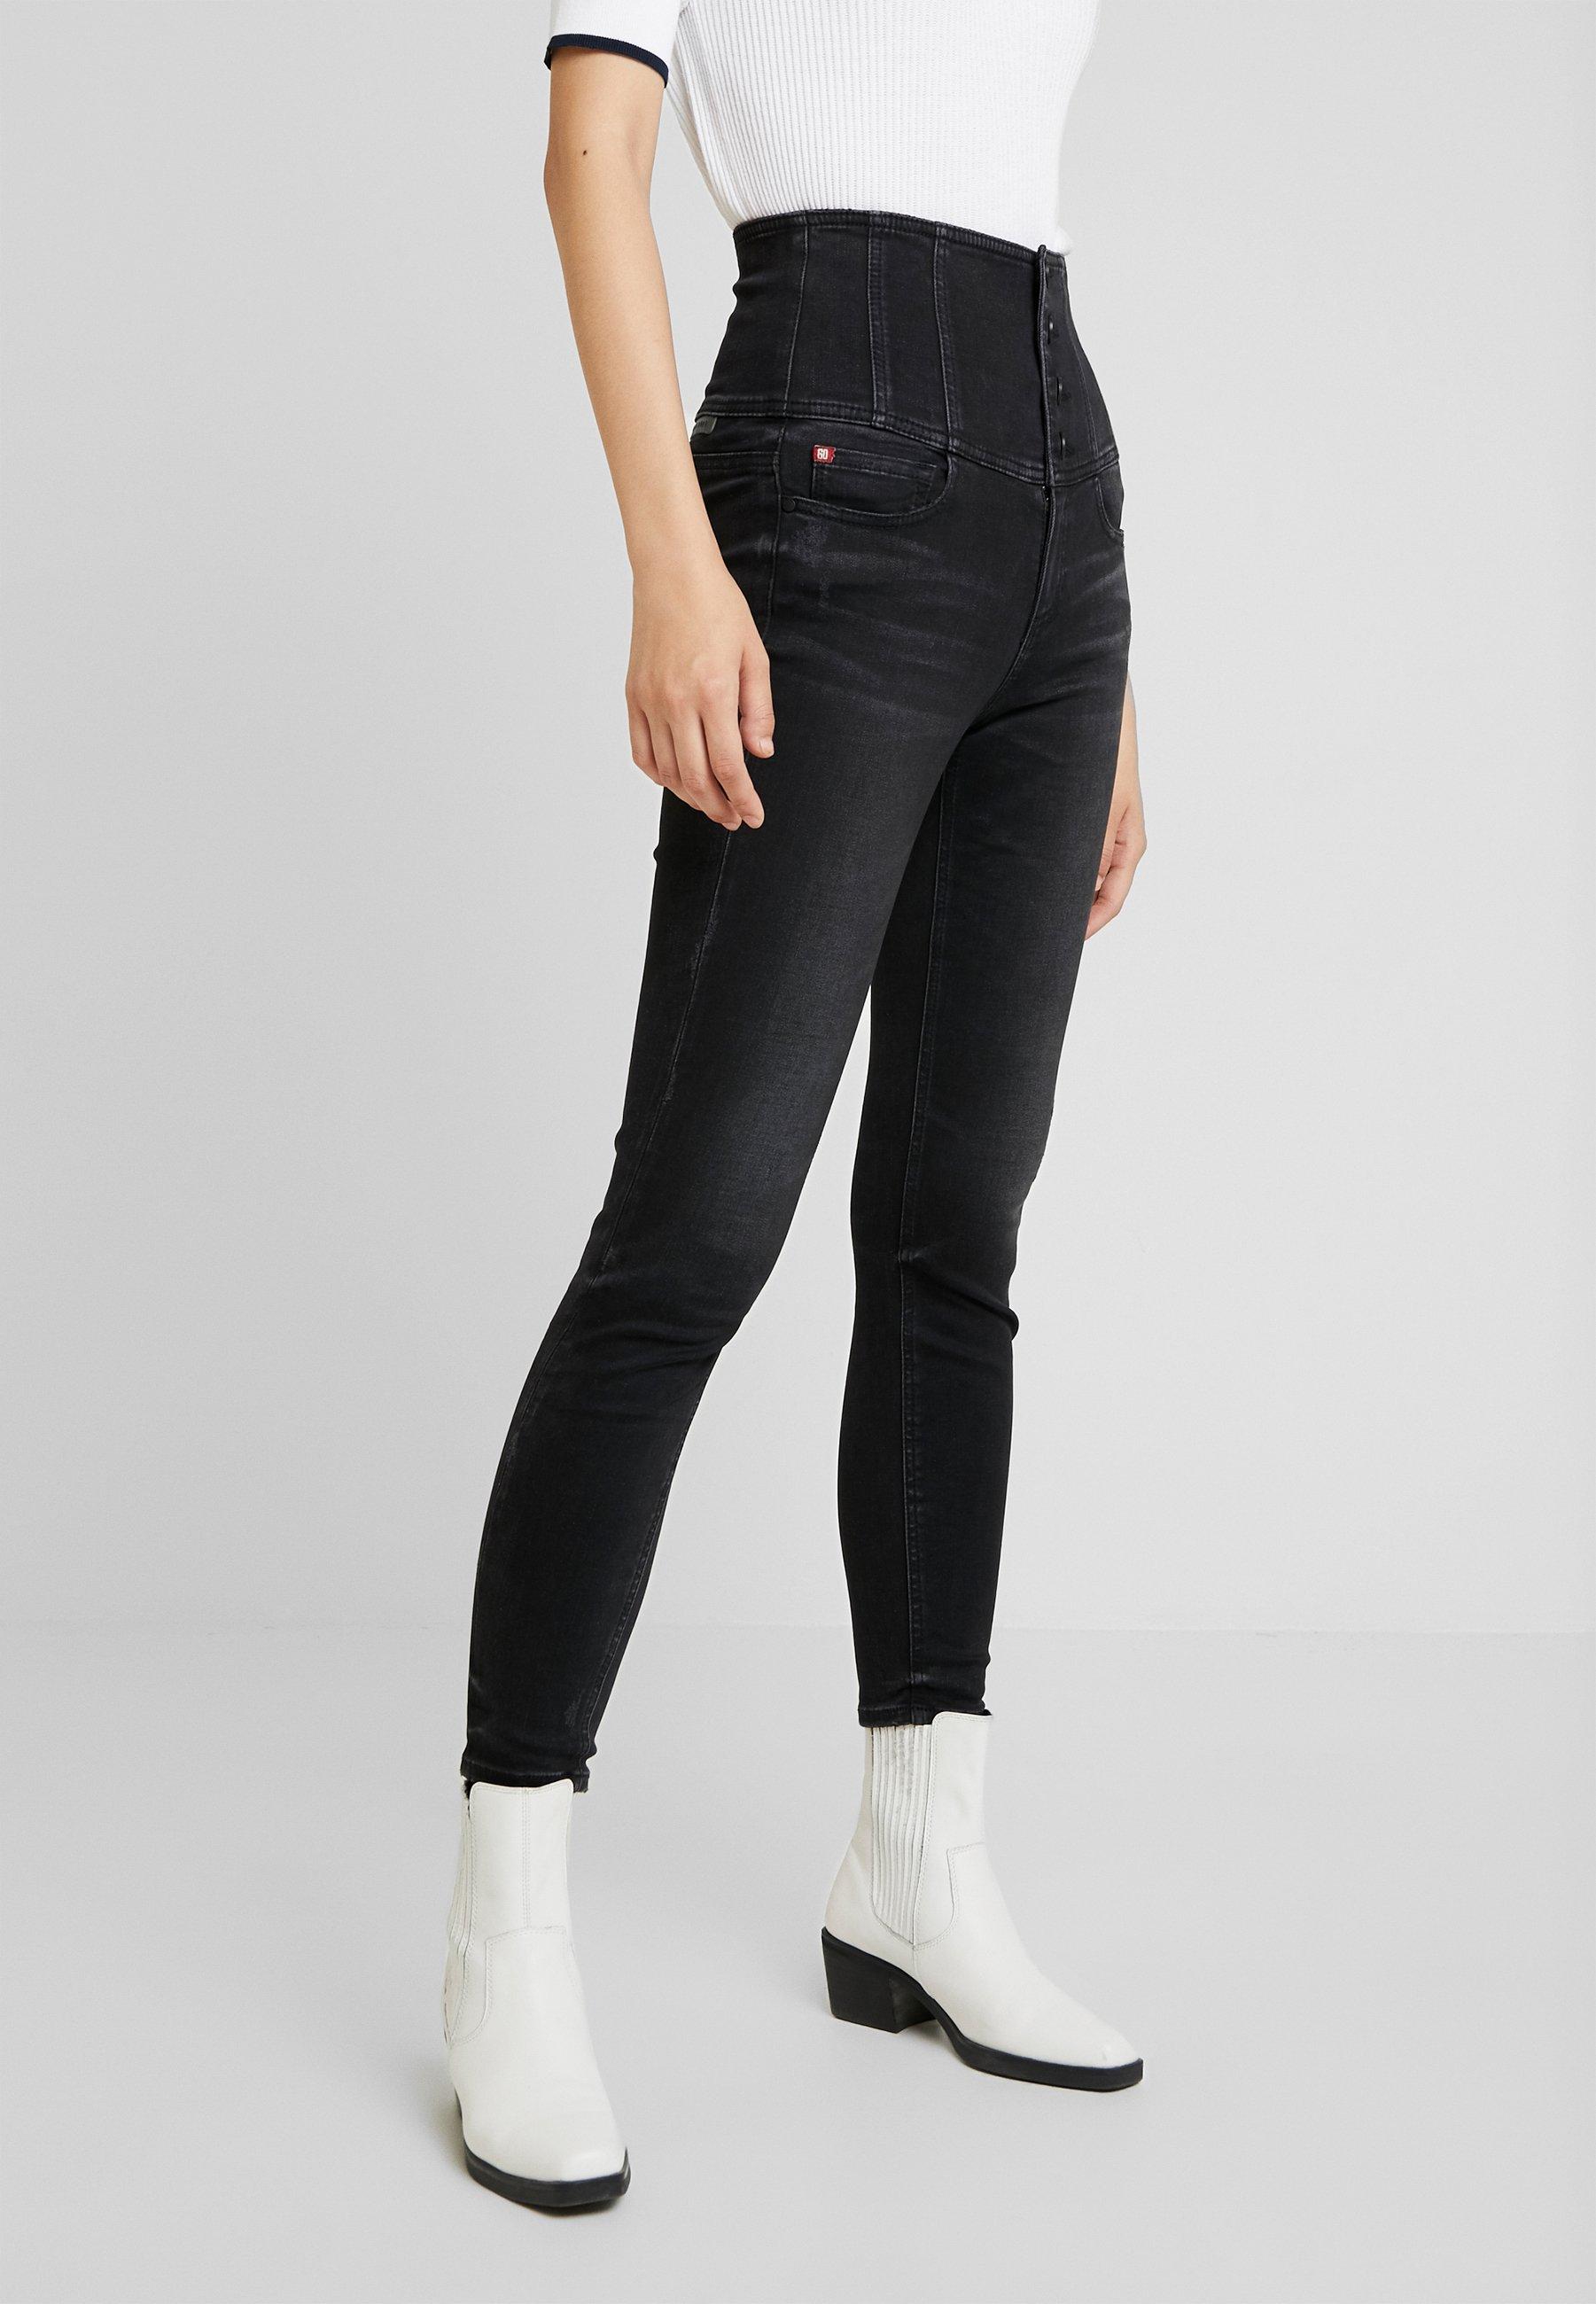 Miss Sixty Jeans Jeans SkinnyBlack SkinnyBlack Fog Jeans Miss Miss Fog Sixty Sixty 5RA4Lj3